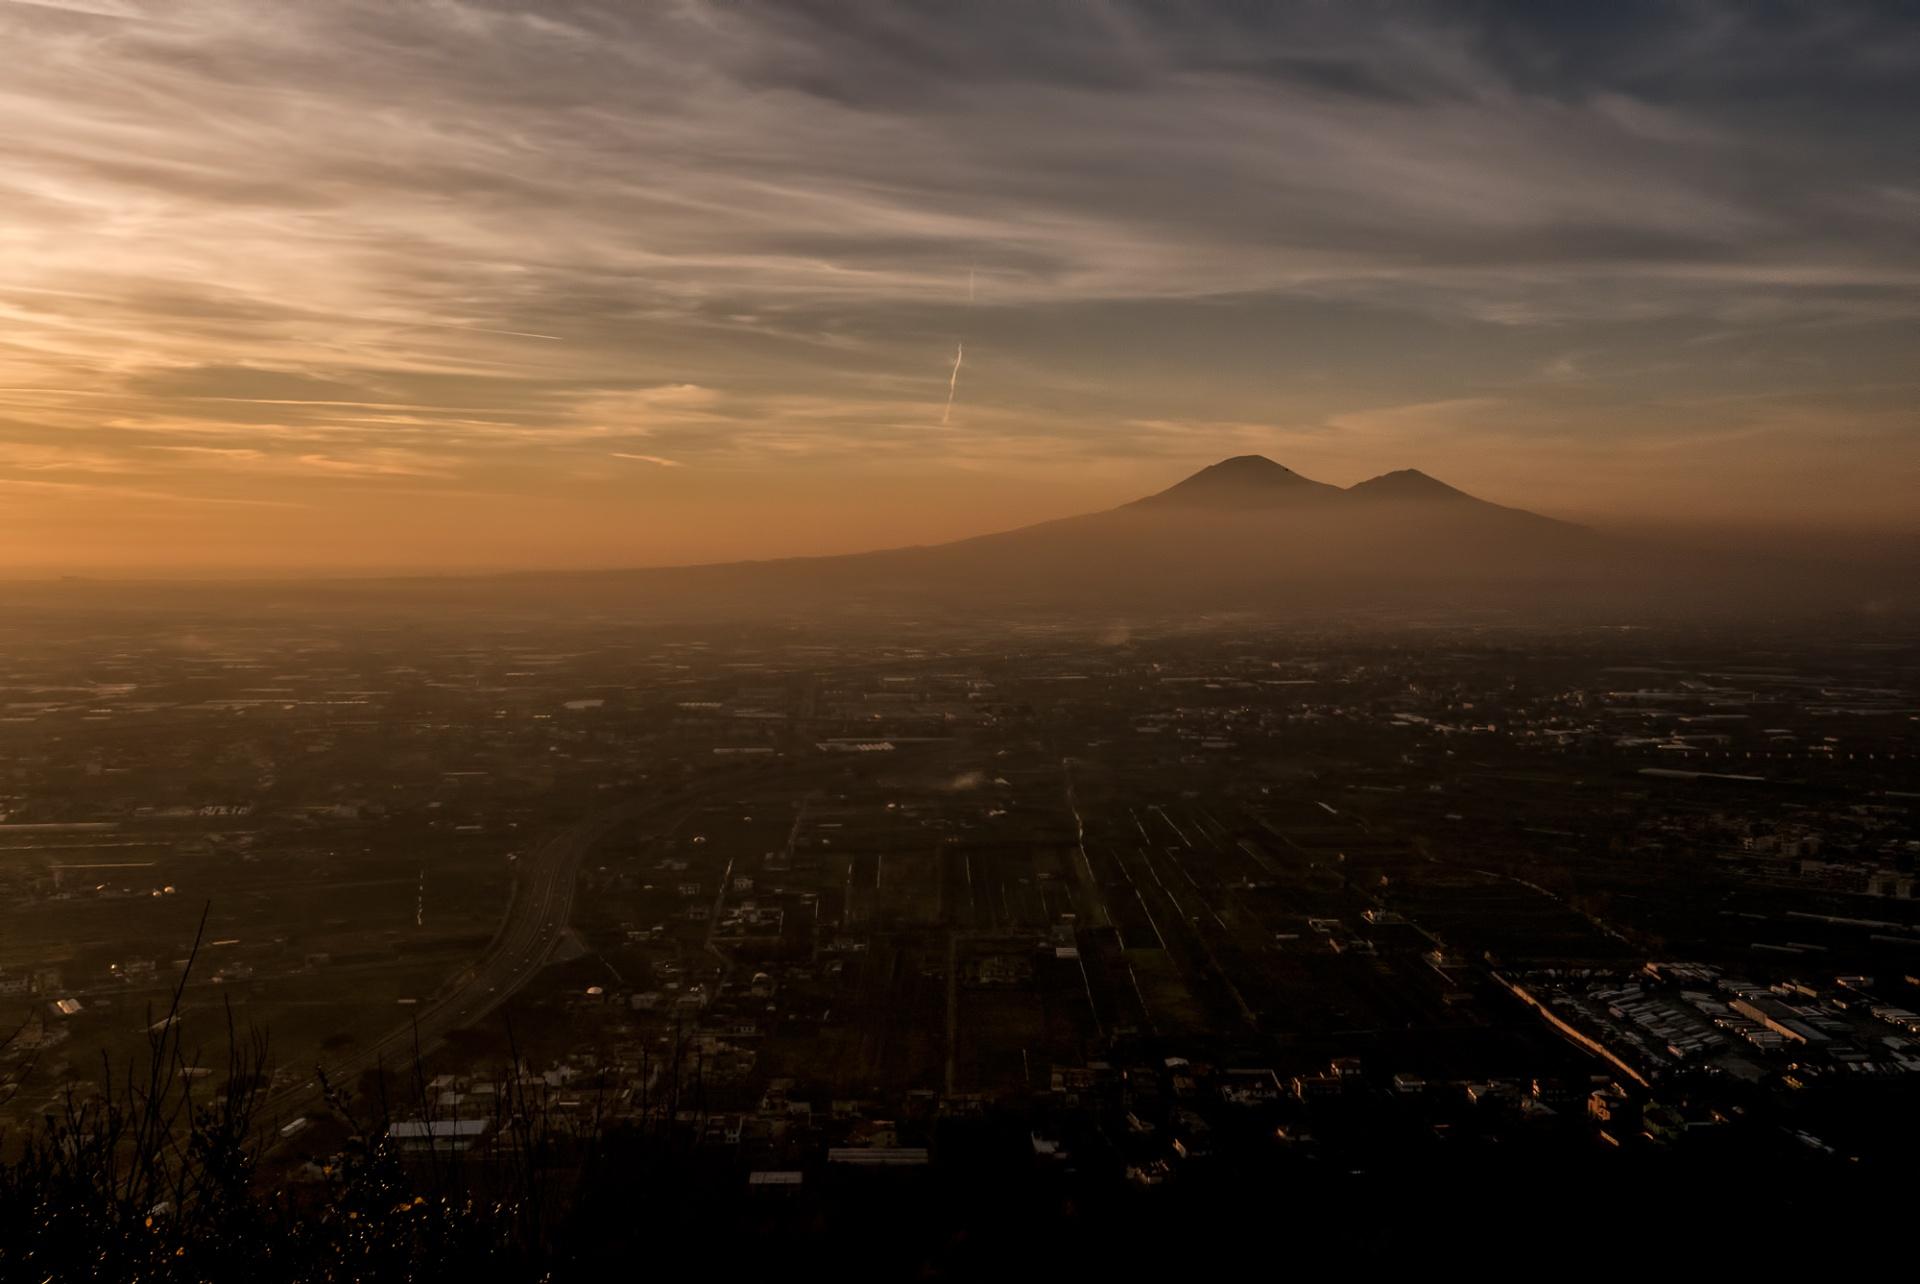 Vesuvio, Allora io, rivoltomi da quella parte con i miei limpidi occhi, contemplando quella figura informe e percorrendo con lo sguardo il suo aspetto, nient'altro che un ammasso nerastro di terra,